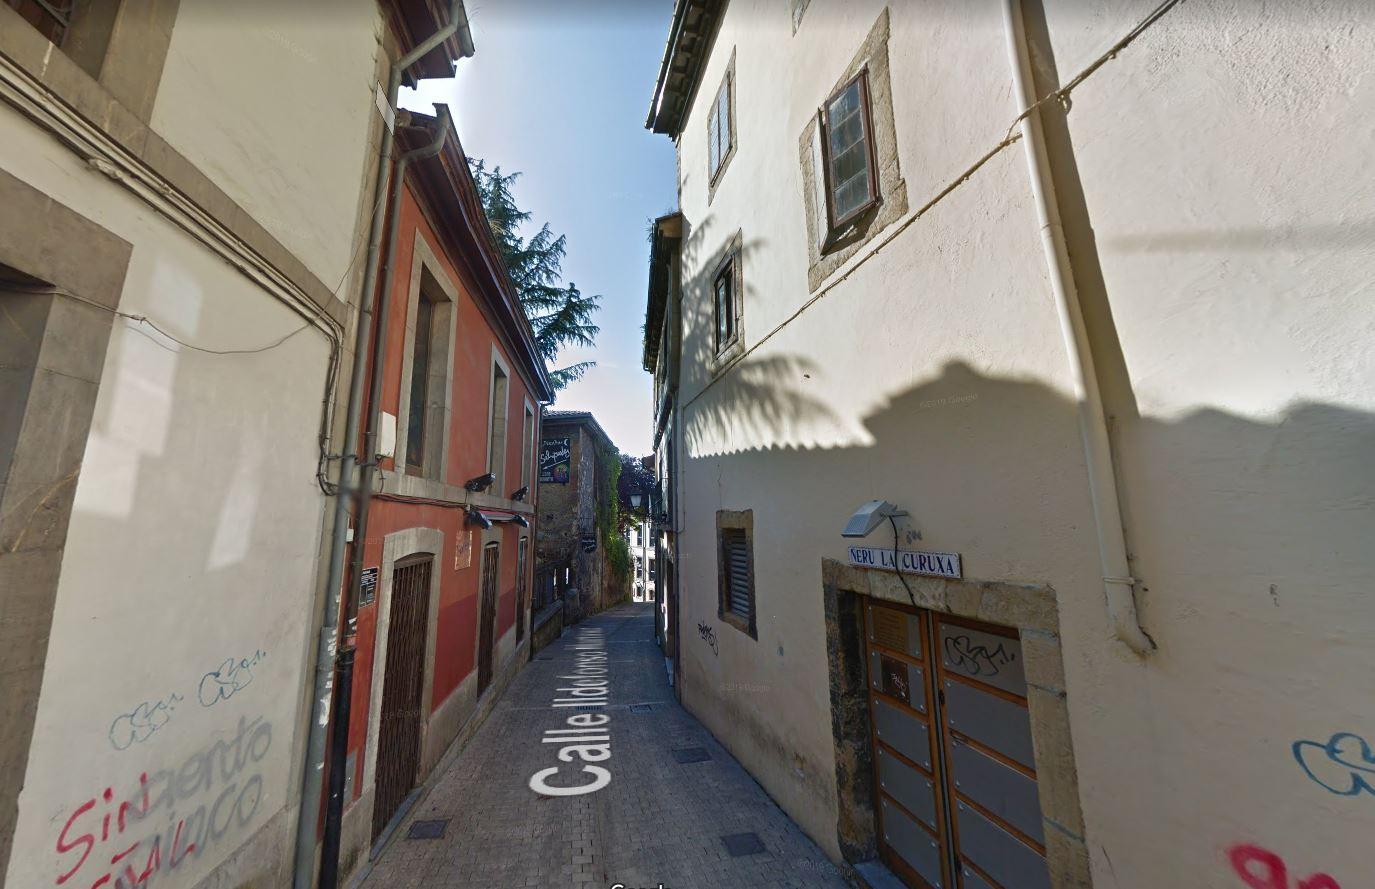 Despliegue policial y redada en el centro de Oviedo